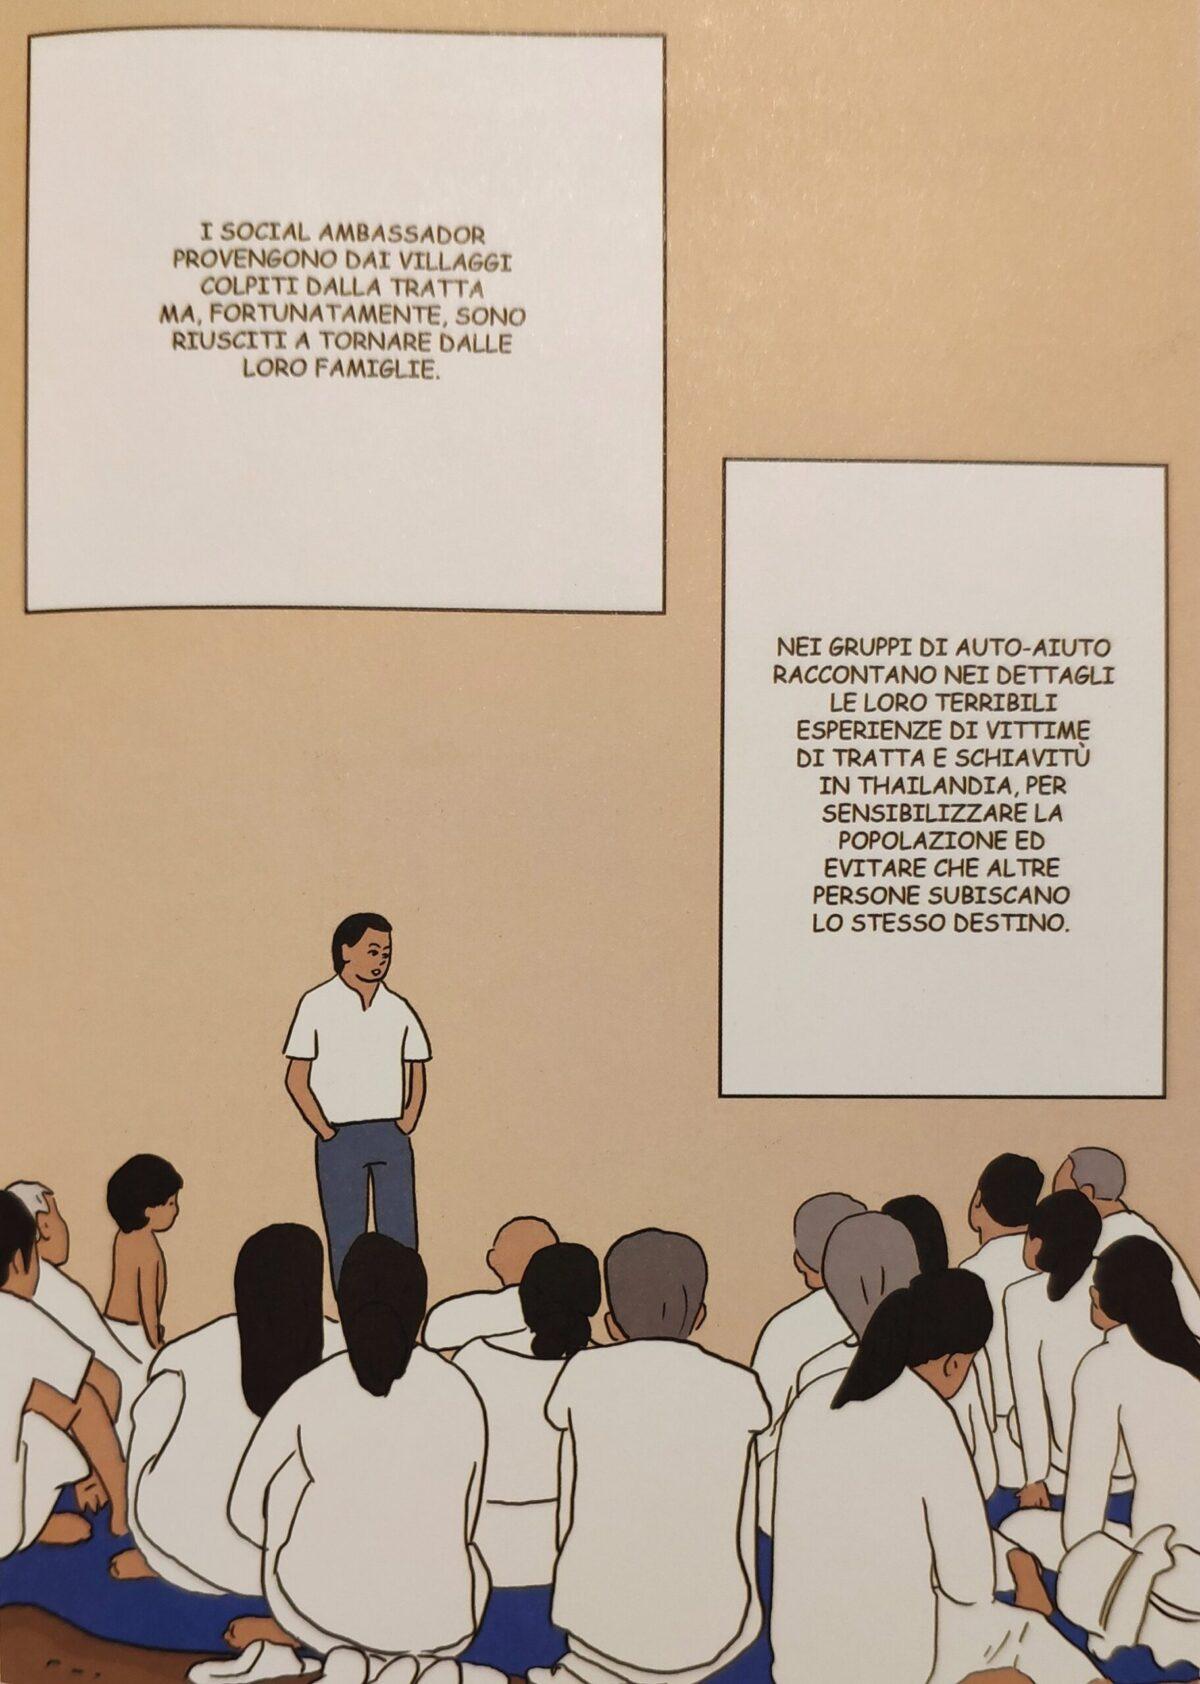 Mio caro fumetto... - Il ruolo dei social ambassador nei gruppi di auto-aiuto